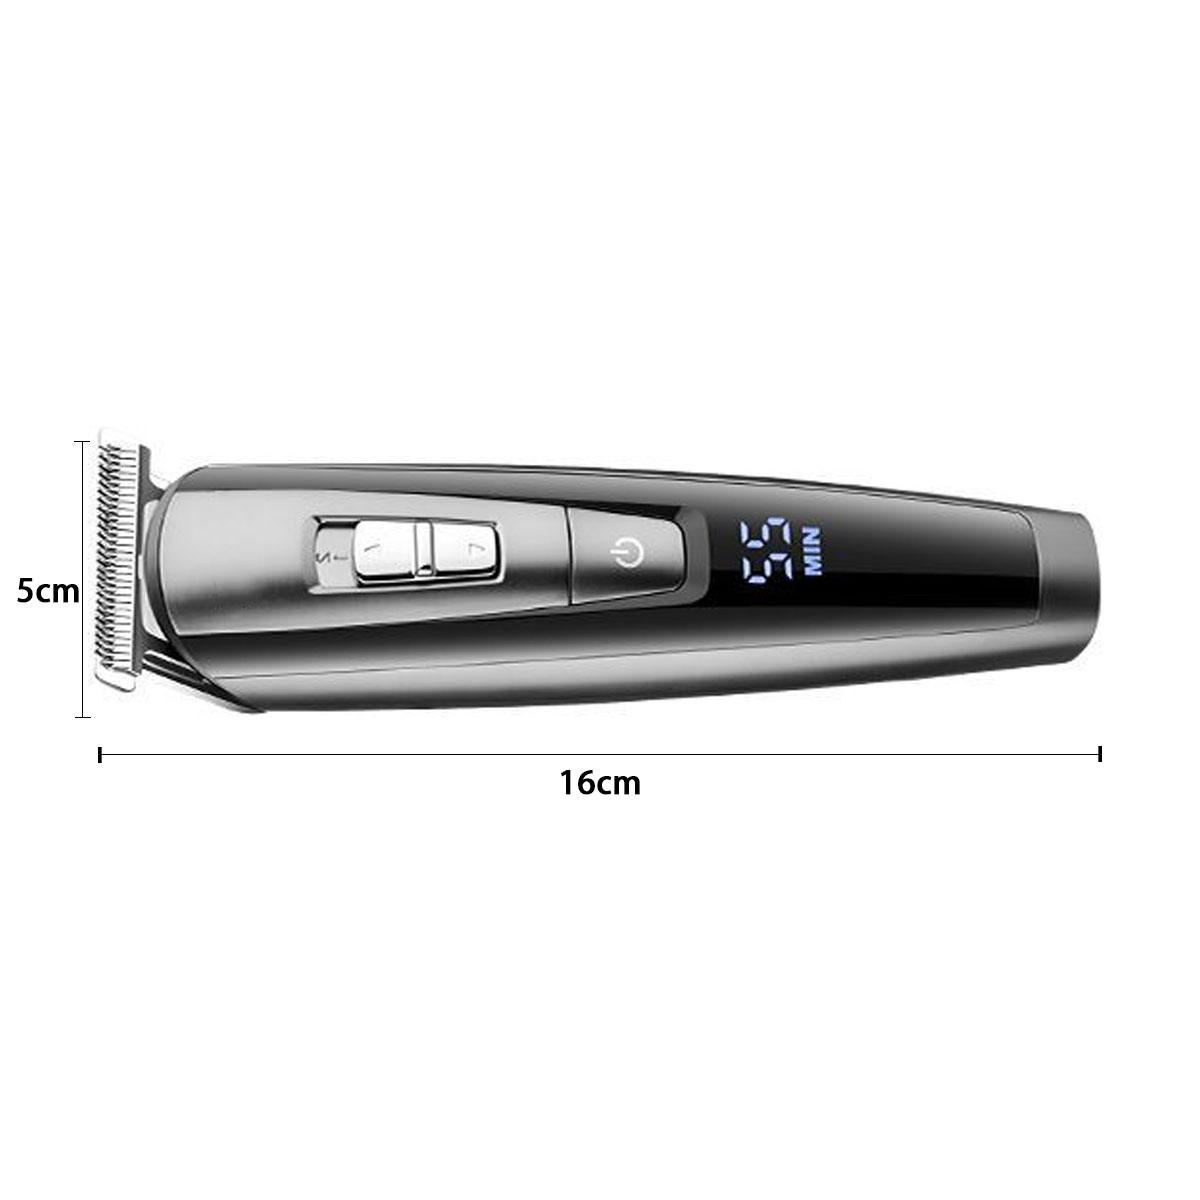 Мужская Волосы Clipper Аккумуляторная LCD Дисплей Электрическая Триммер Бритва Набор - фото 2